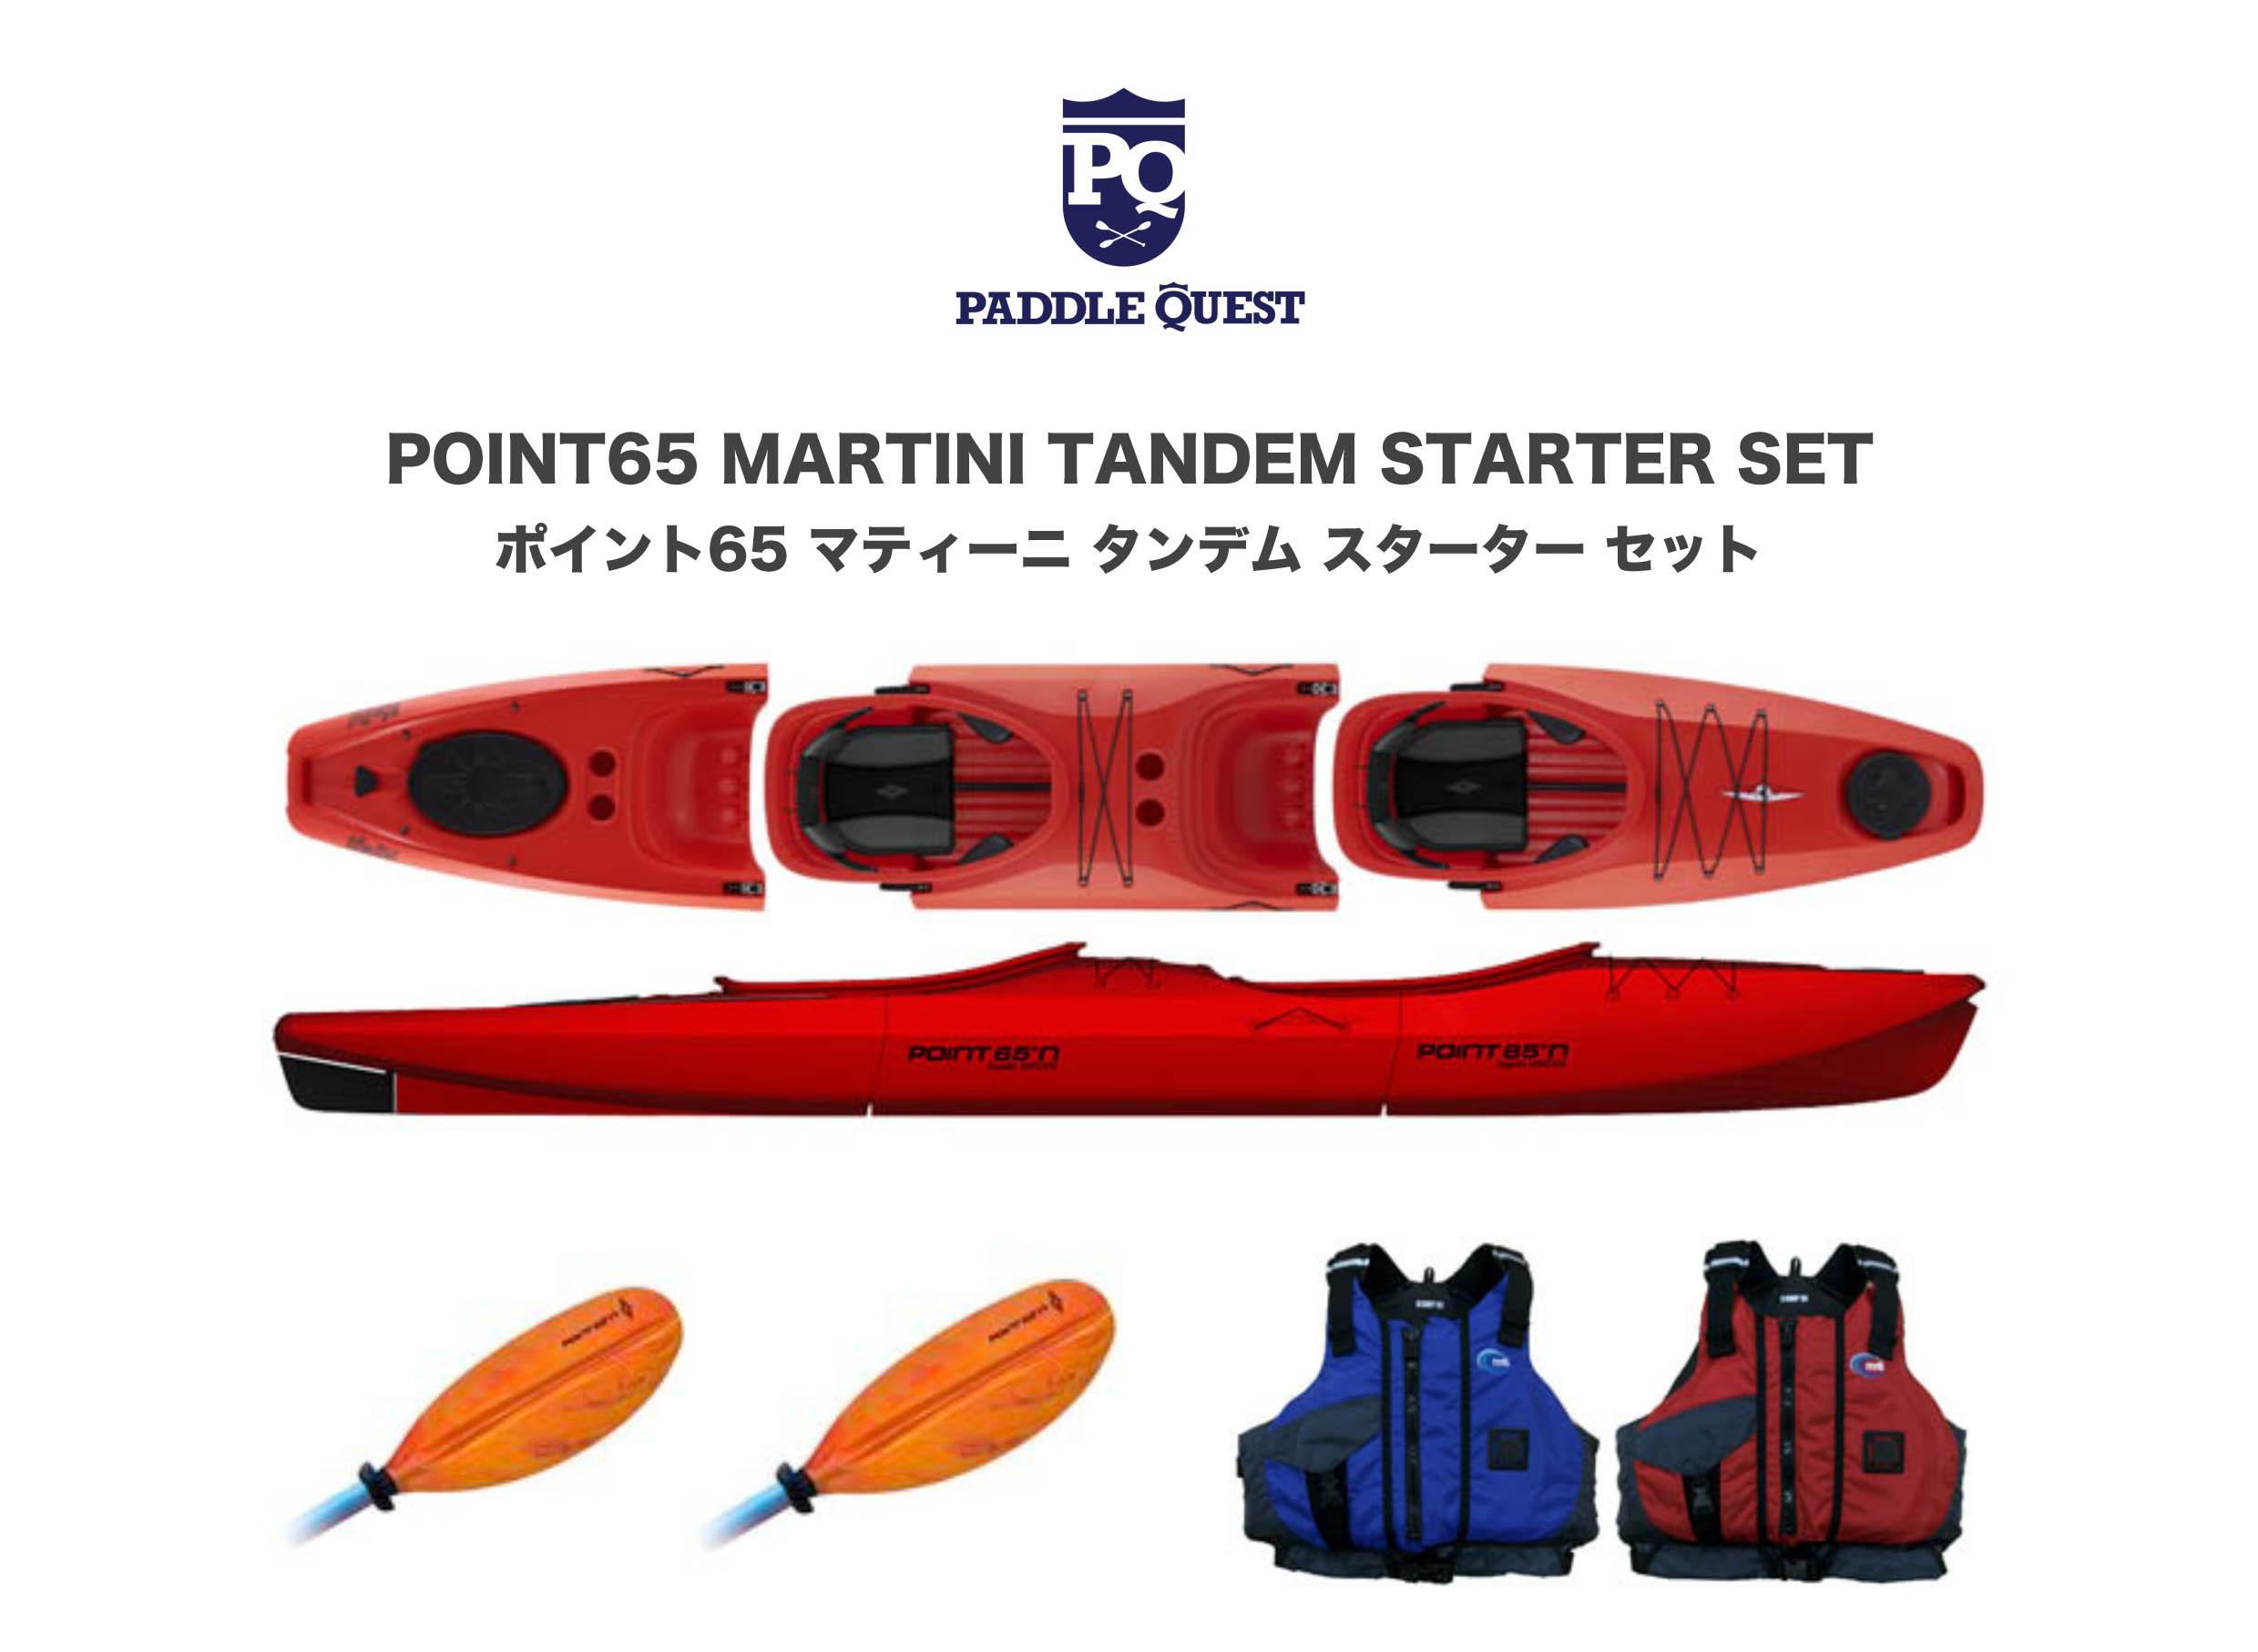 POINT65_MARTINI_Tandem_Starter_set '̃Rƒs[